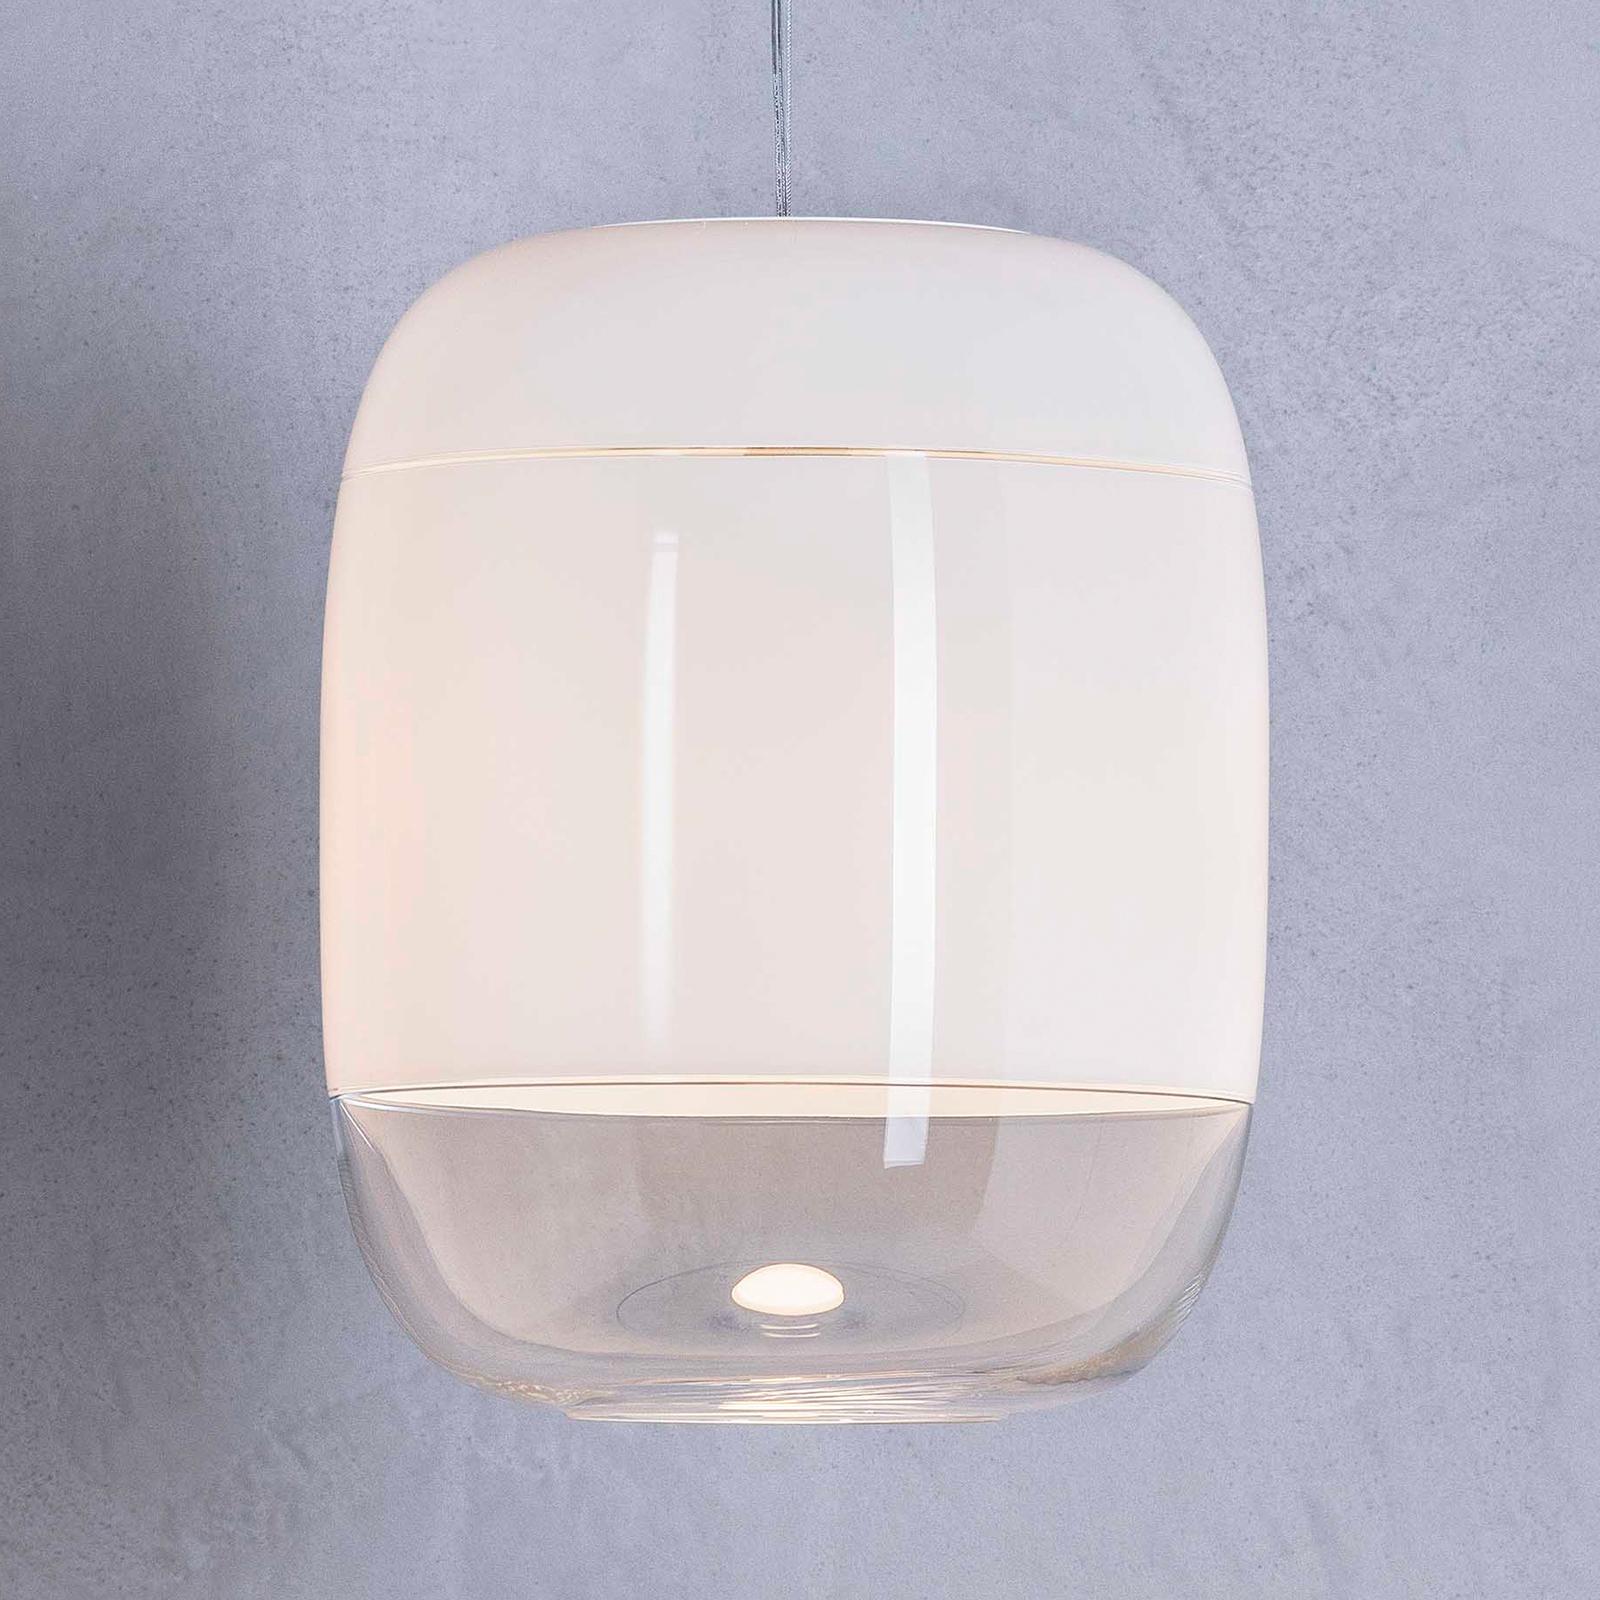 Prandina Gong S3 riippuvalaisin, valkoinen